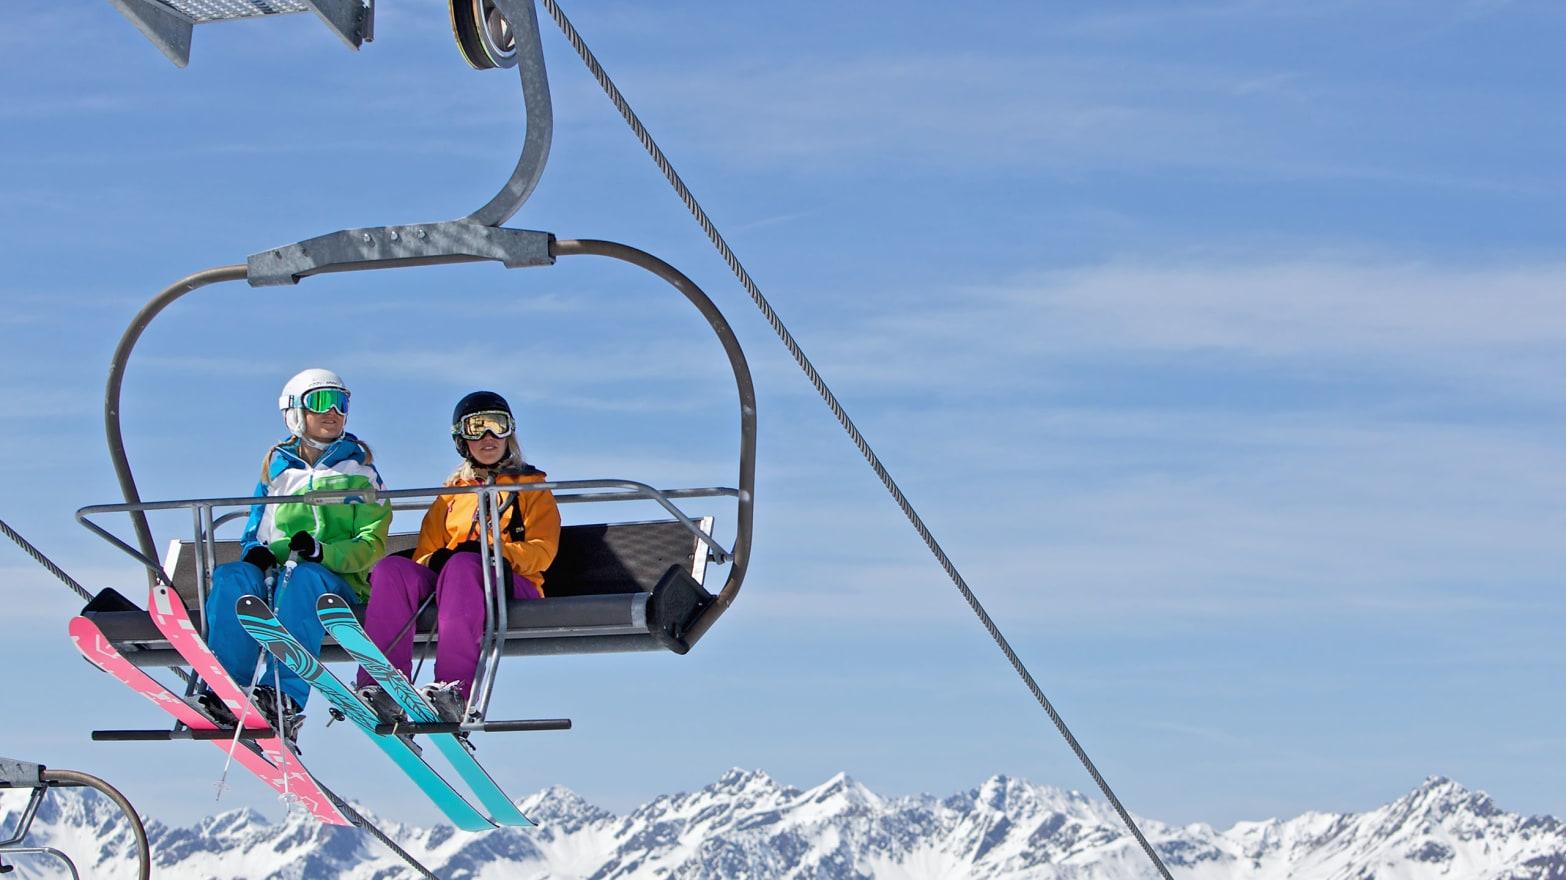 141117-shell-gross-ski-lift-tease_e3rcad